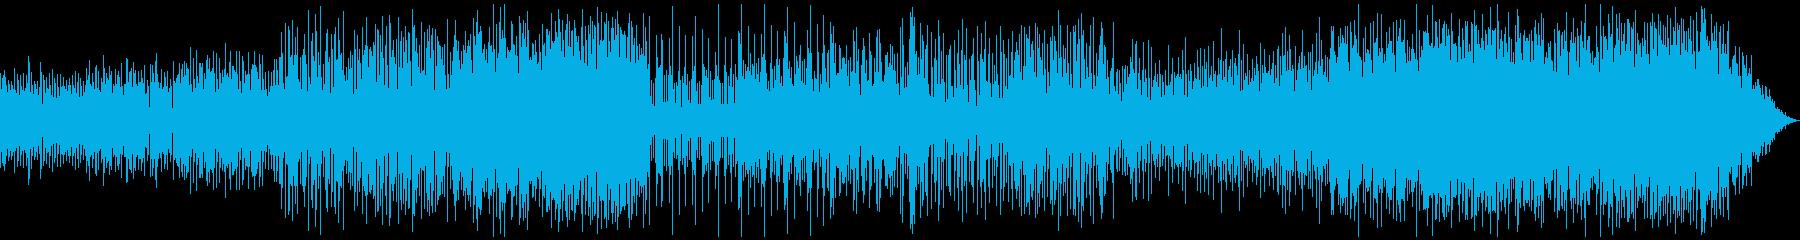 ダークヒロイン テクノ+テクニカルドラムの再生済みの波形